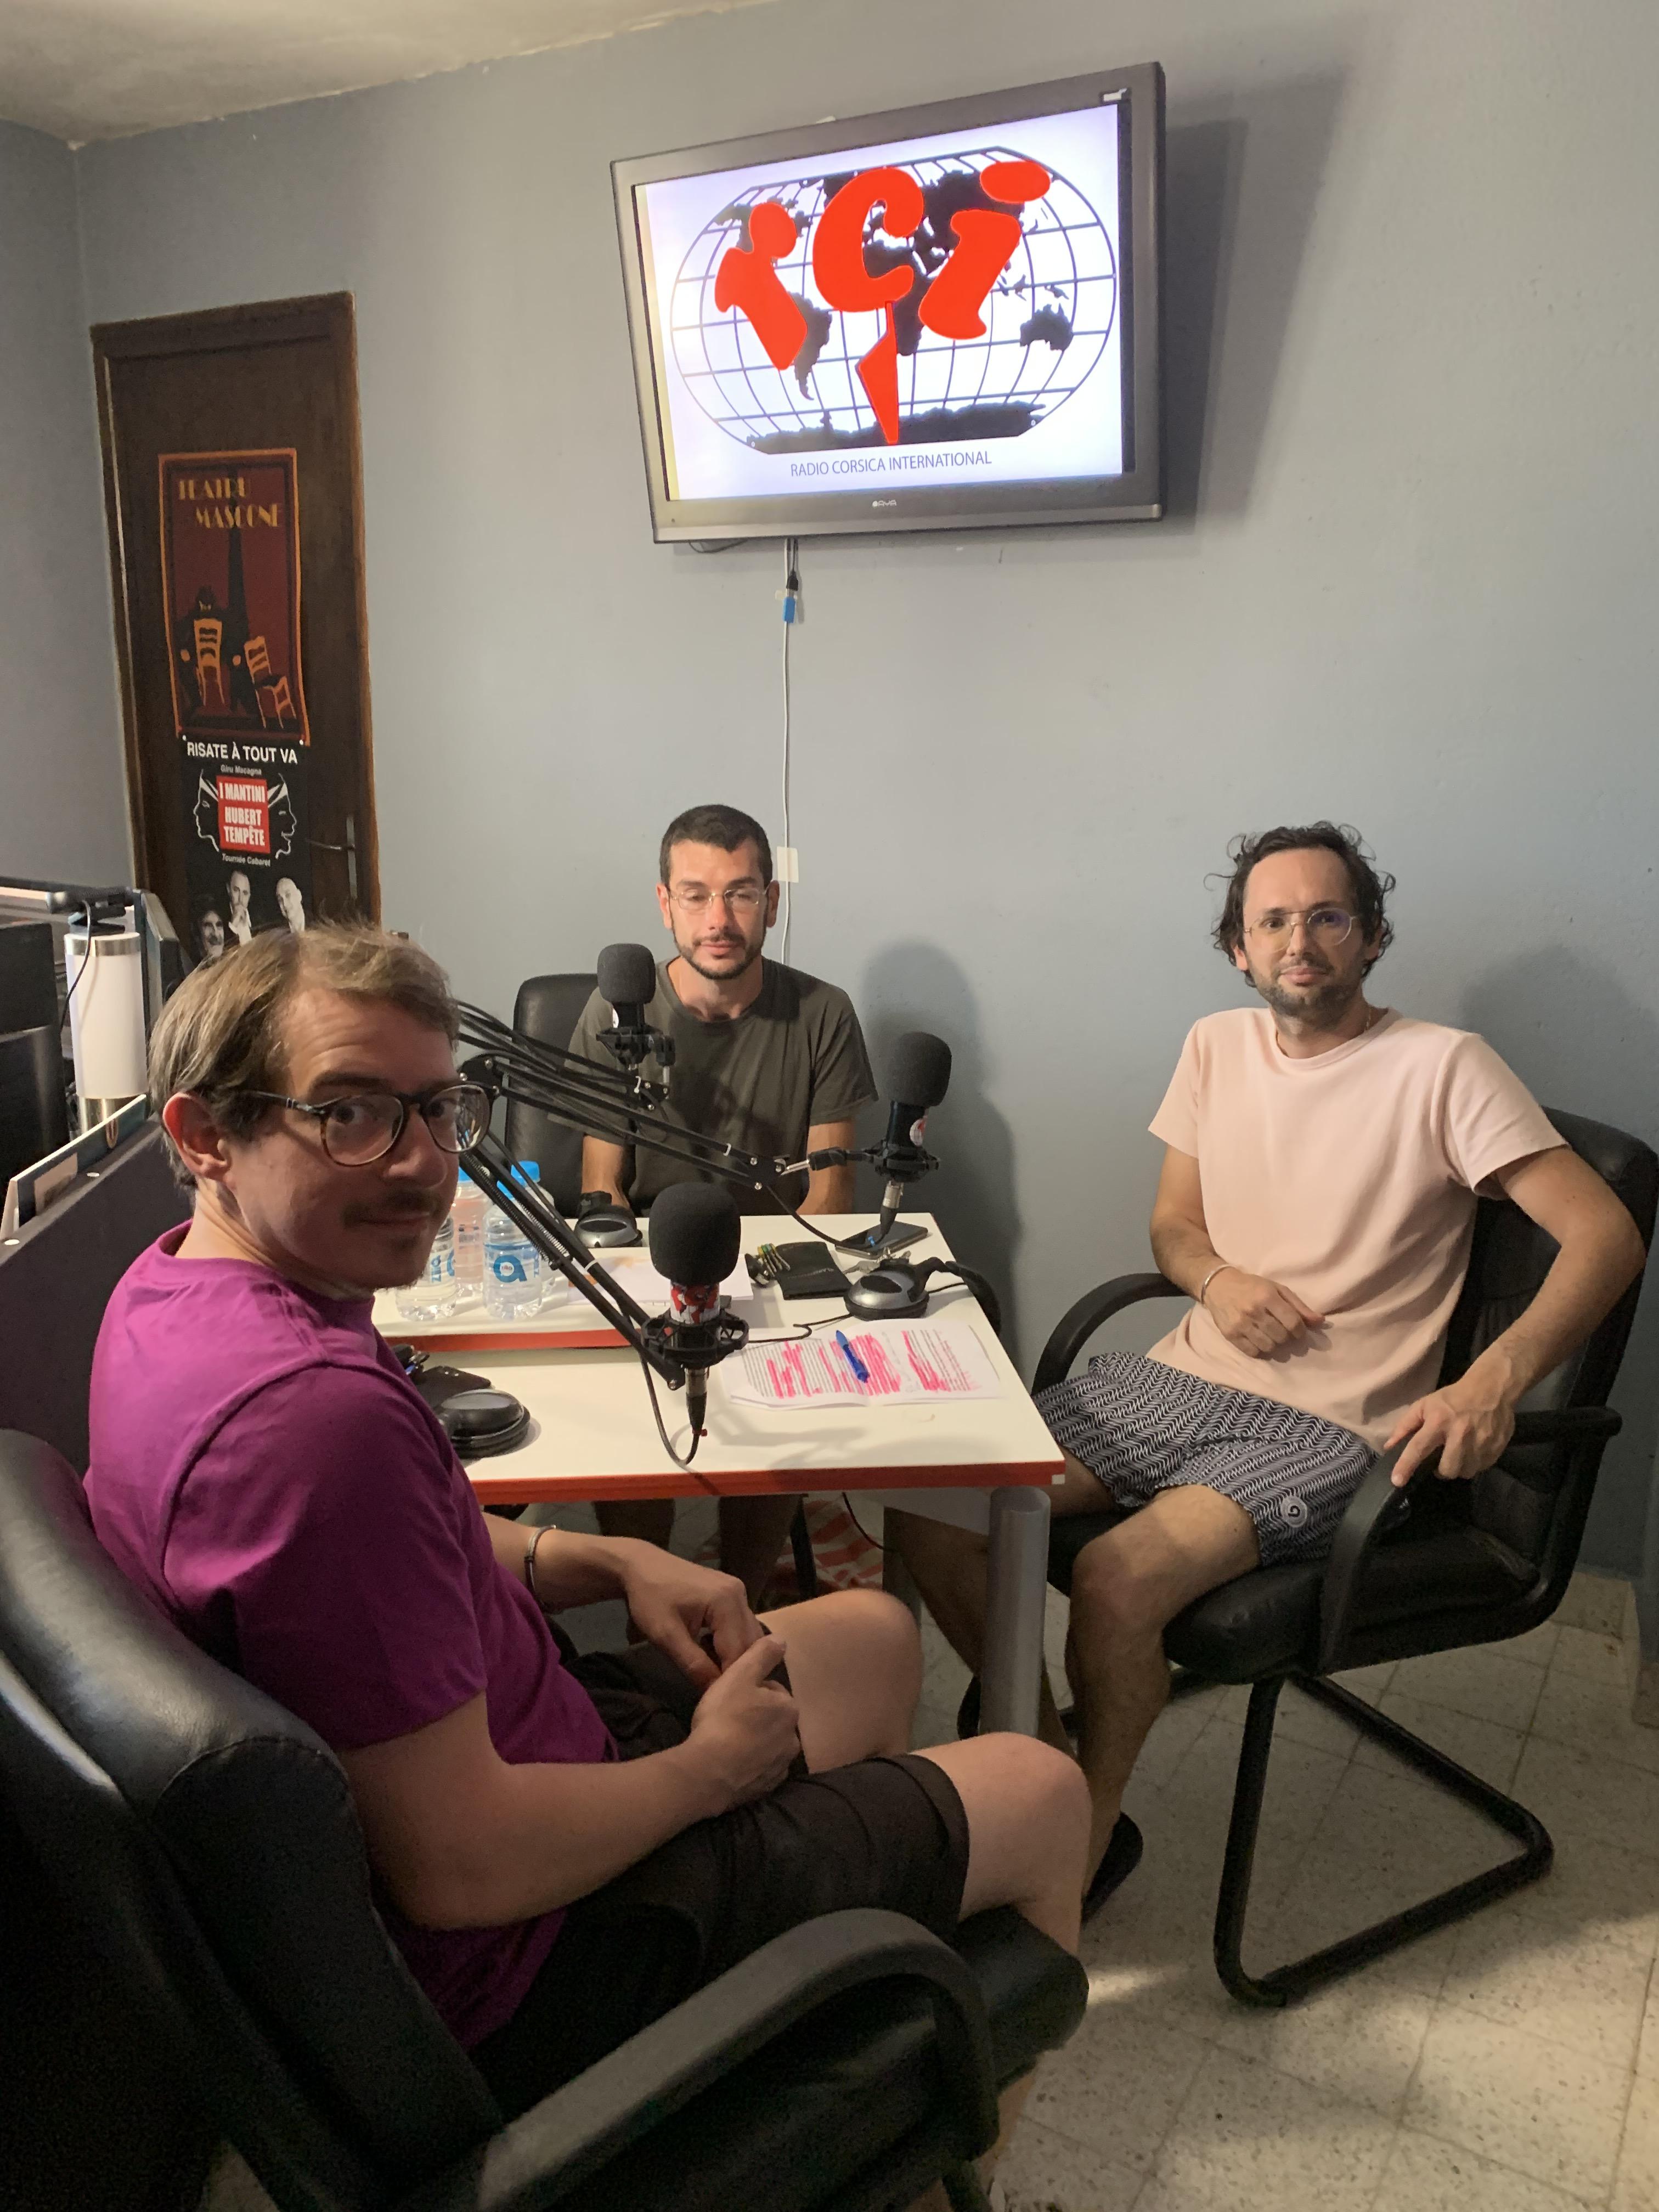 Pasquà Pancrazi, Cencio et Fred Bourreau Micaelli lors de la présention de leur EP sur une webradio